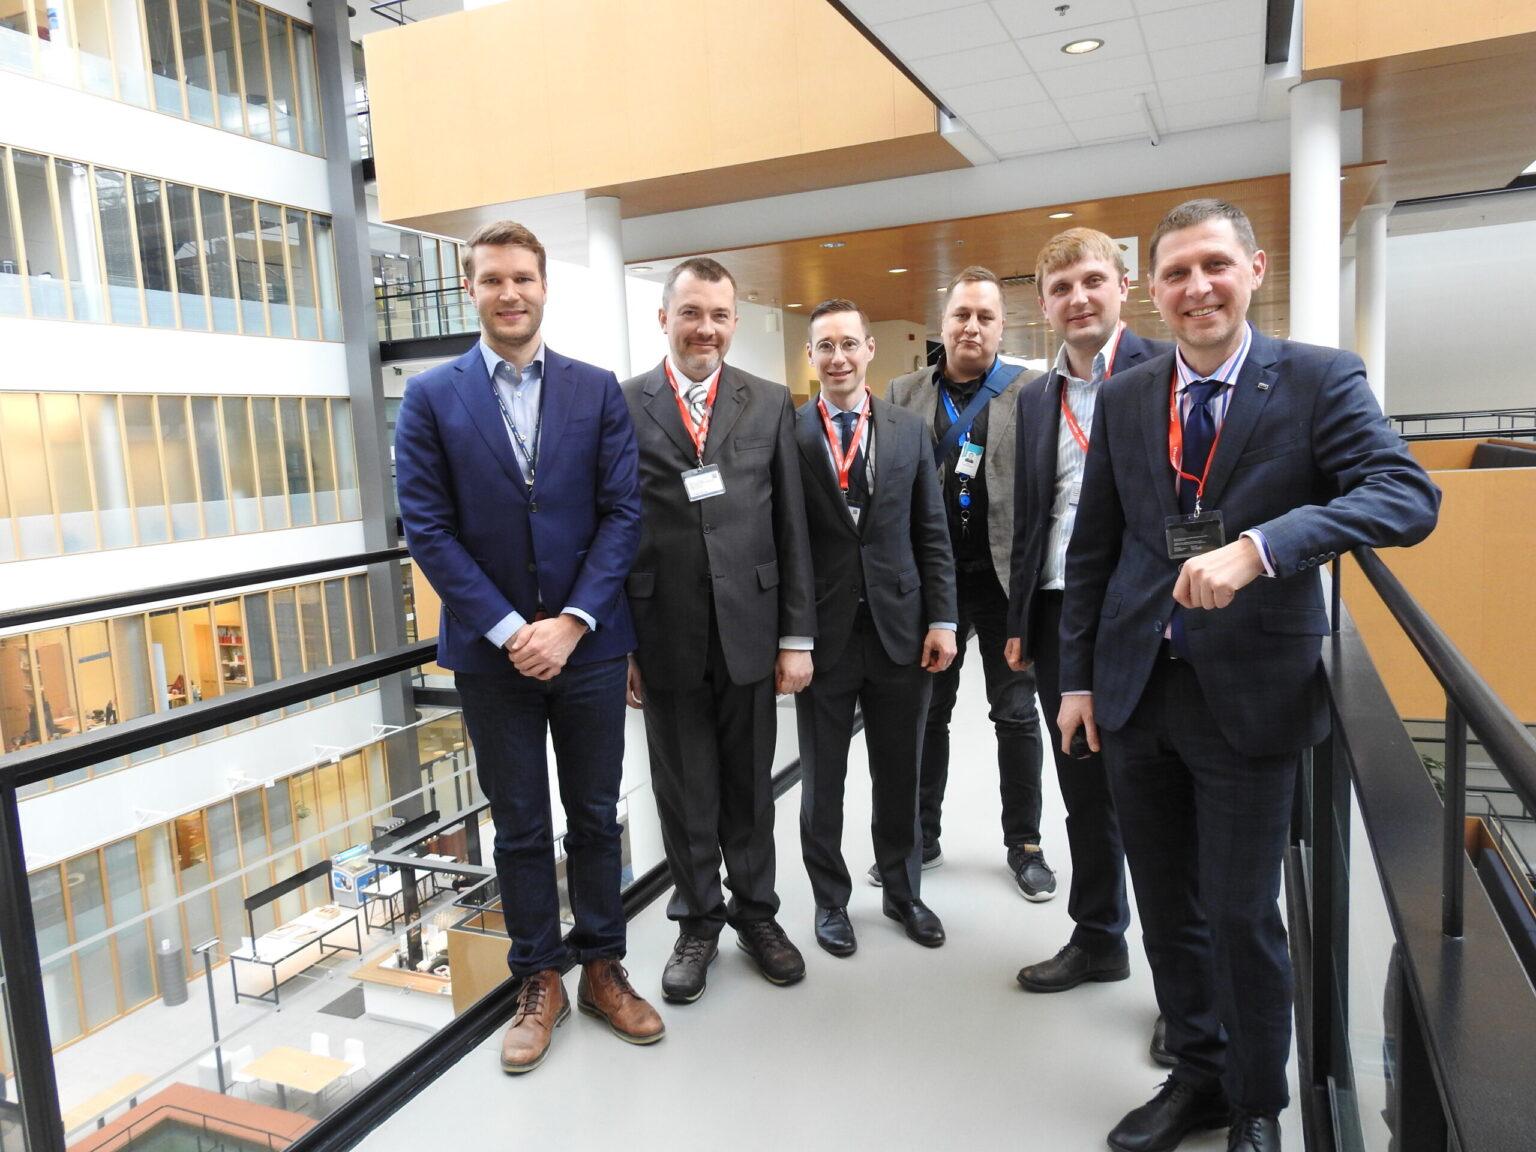 З робочим візитом експерти Київського НДІСЕ відвідали Національне бюро розслідувань Республіки Фінляндія